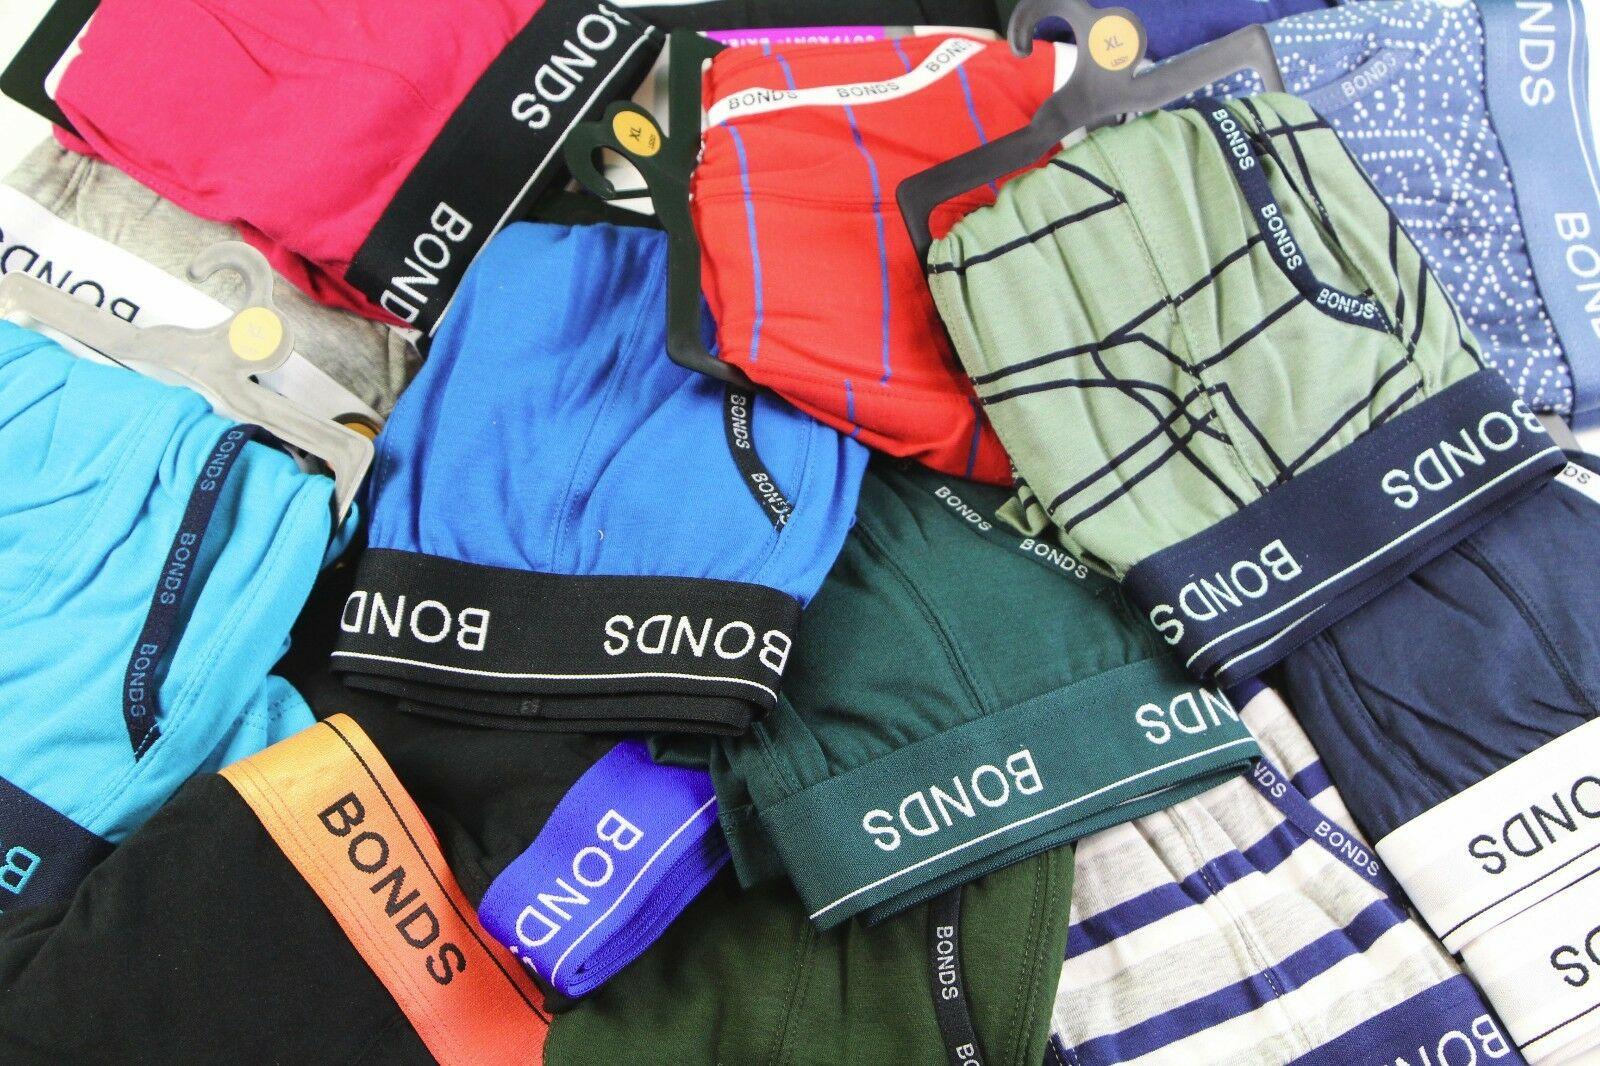 20 X Mens Bonds Underwear Guyfront Trunks Briefs Boxer Shorts S-Xxl 6 10 5